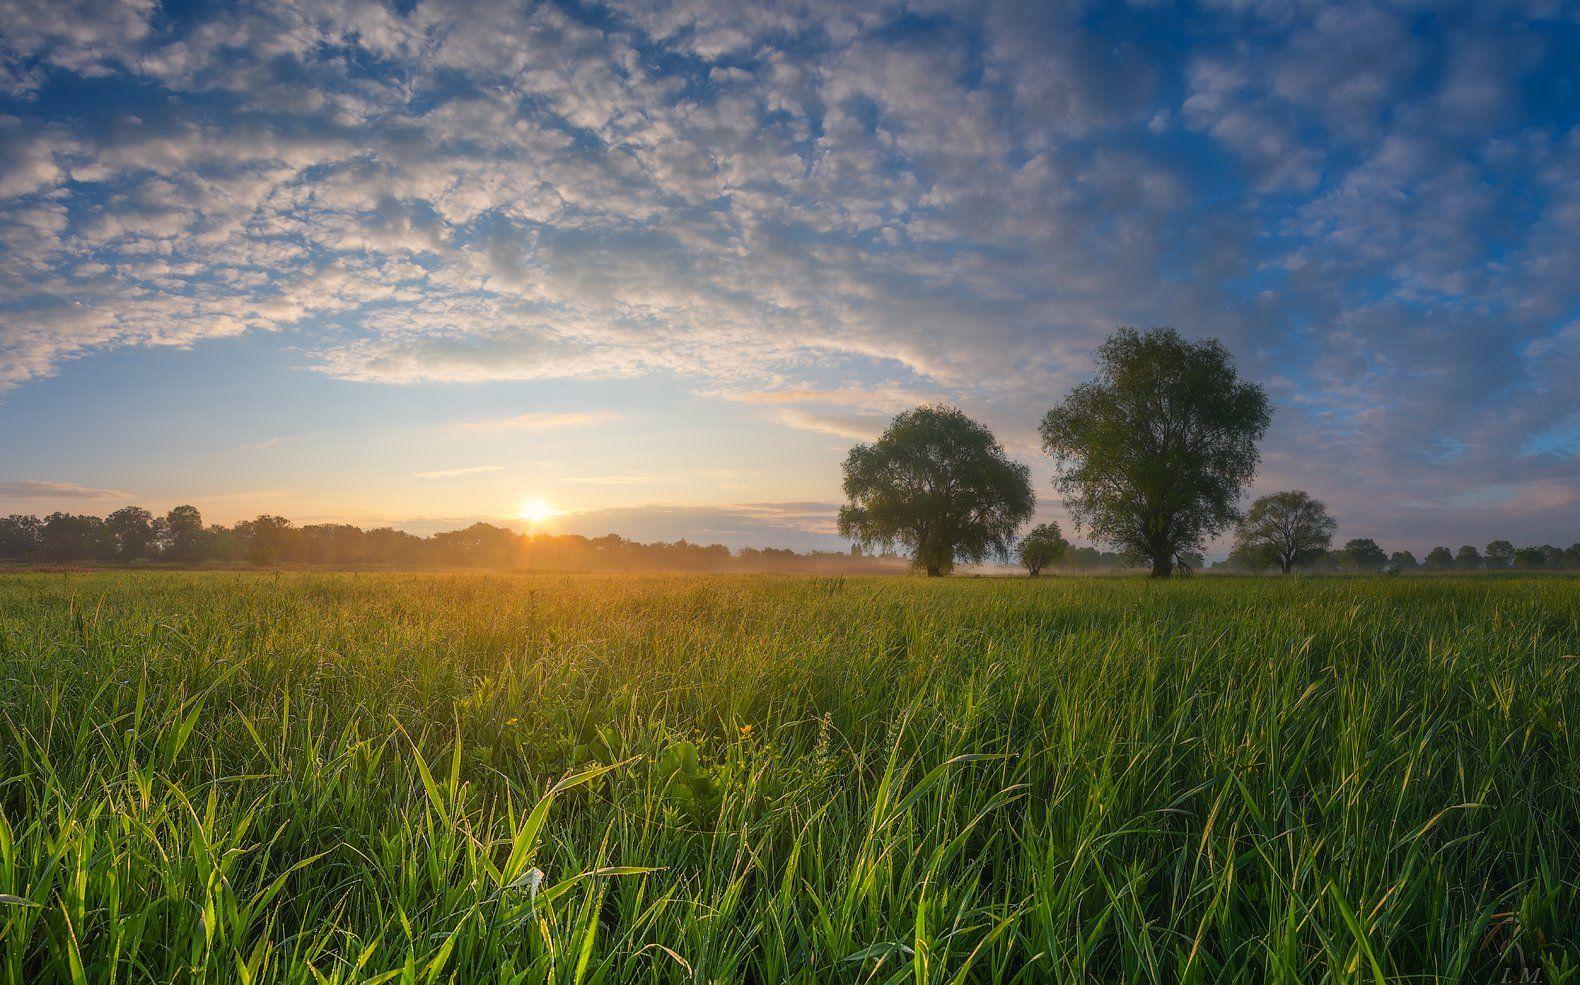 весна, май, утро, рассвет, луг, травы, I'M